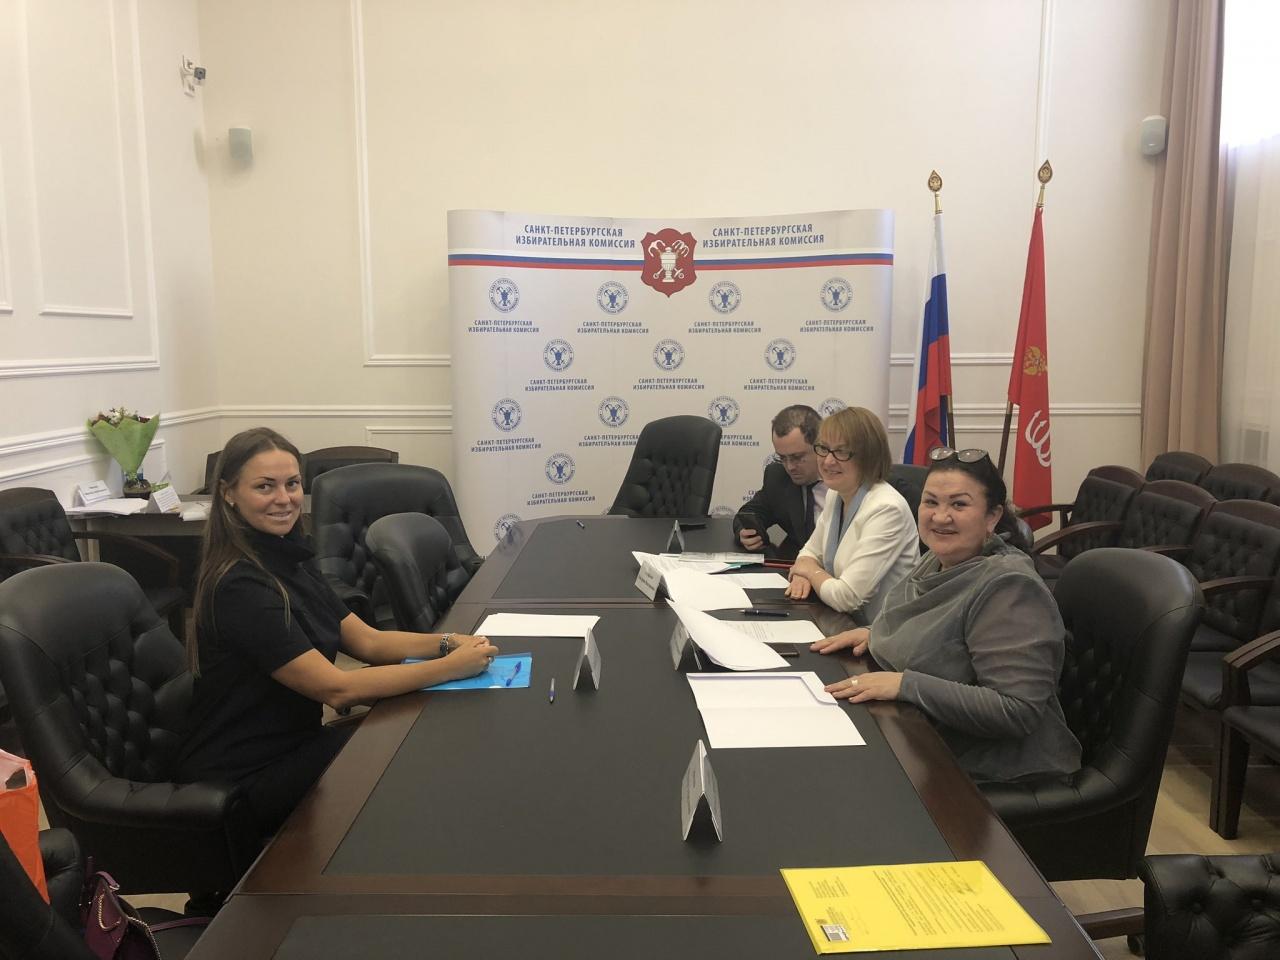 фото ЗакС политика Менеджер-самовыдвиженка стала 27-м кандидатом в губернаторы Петербурга